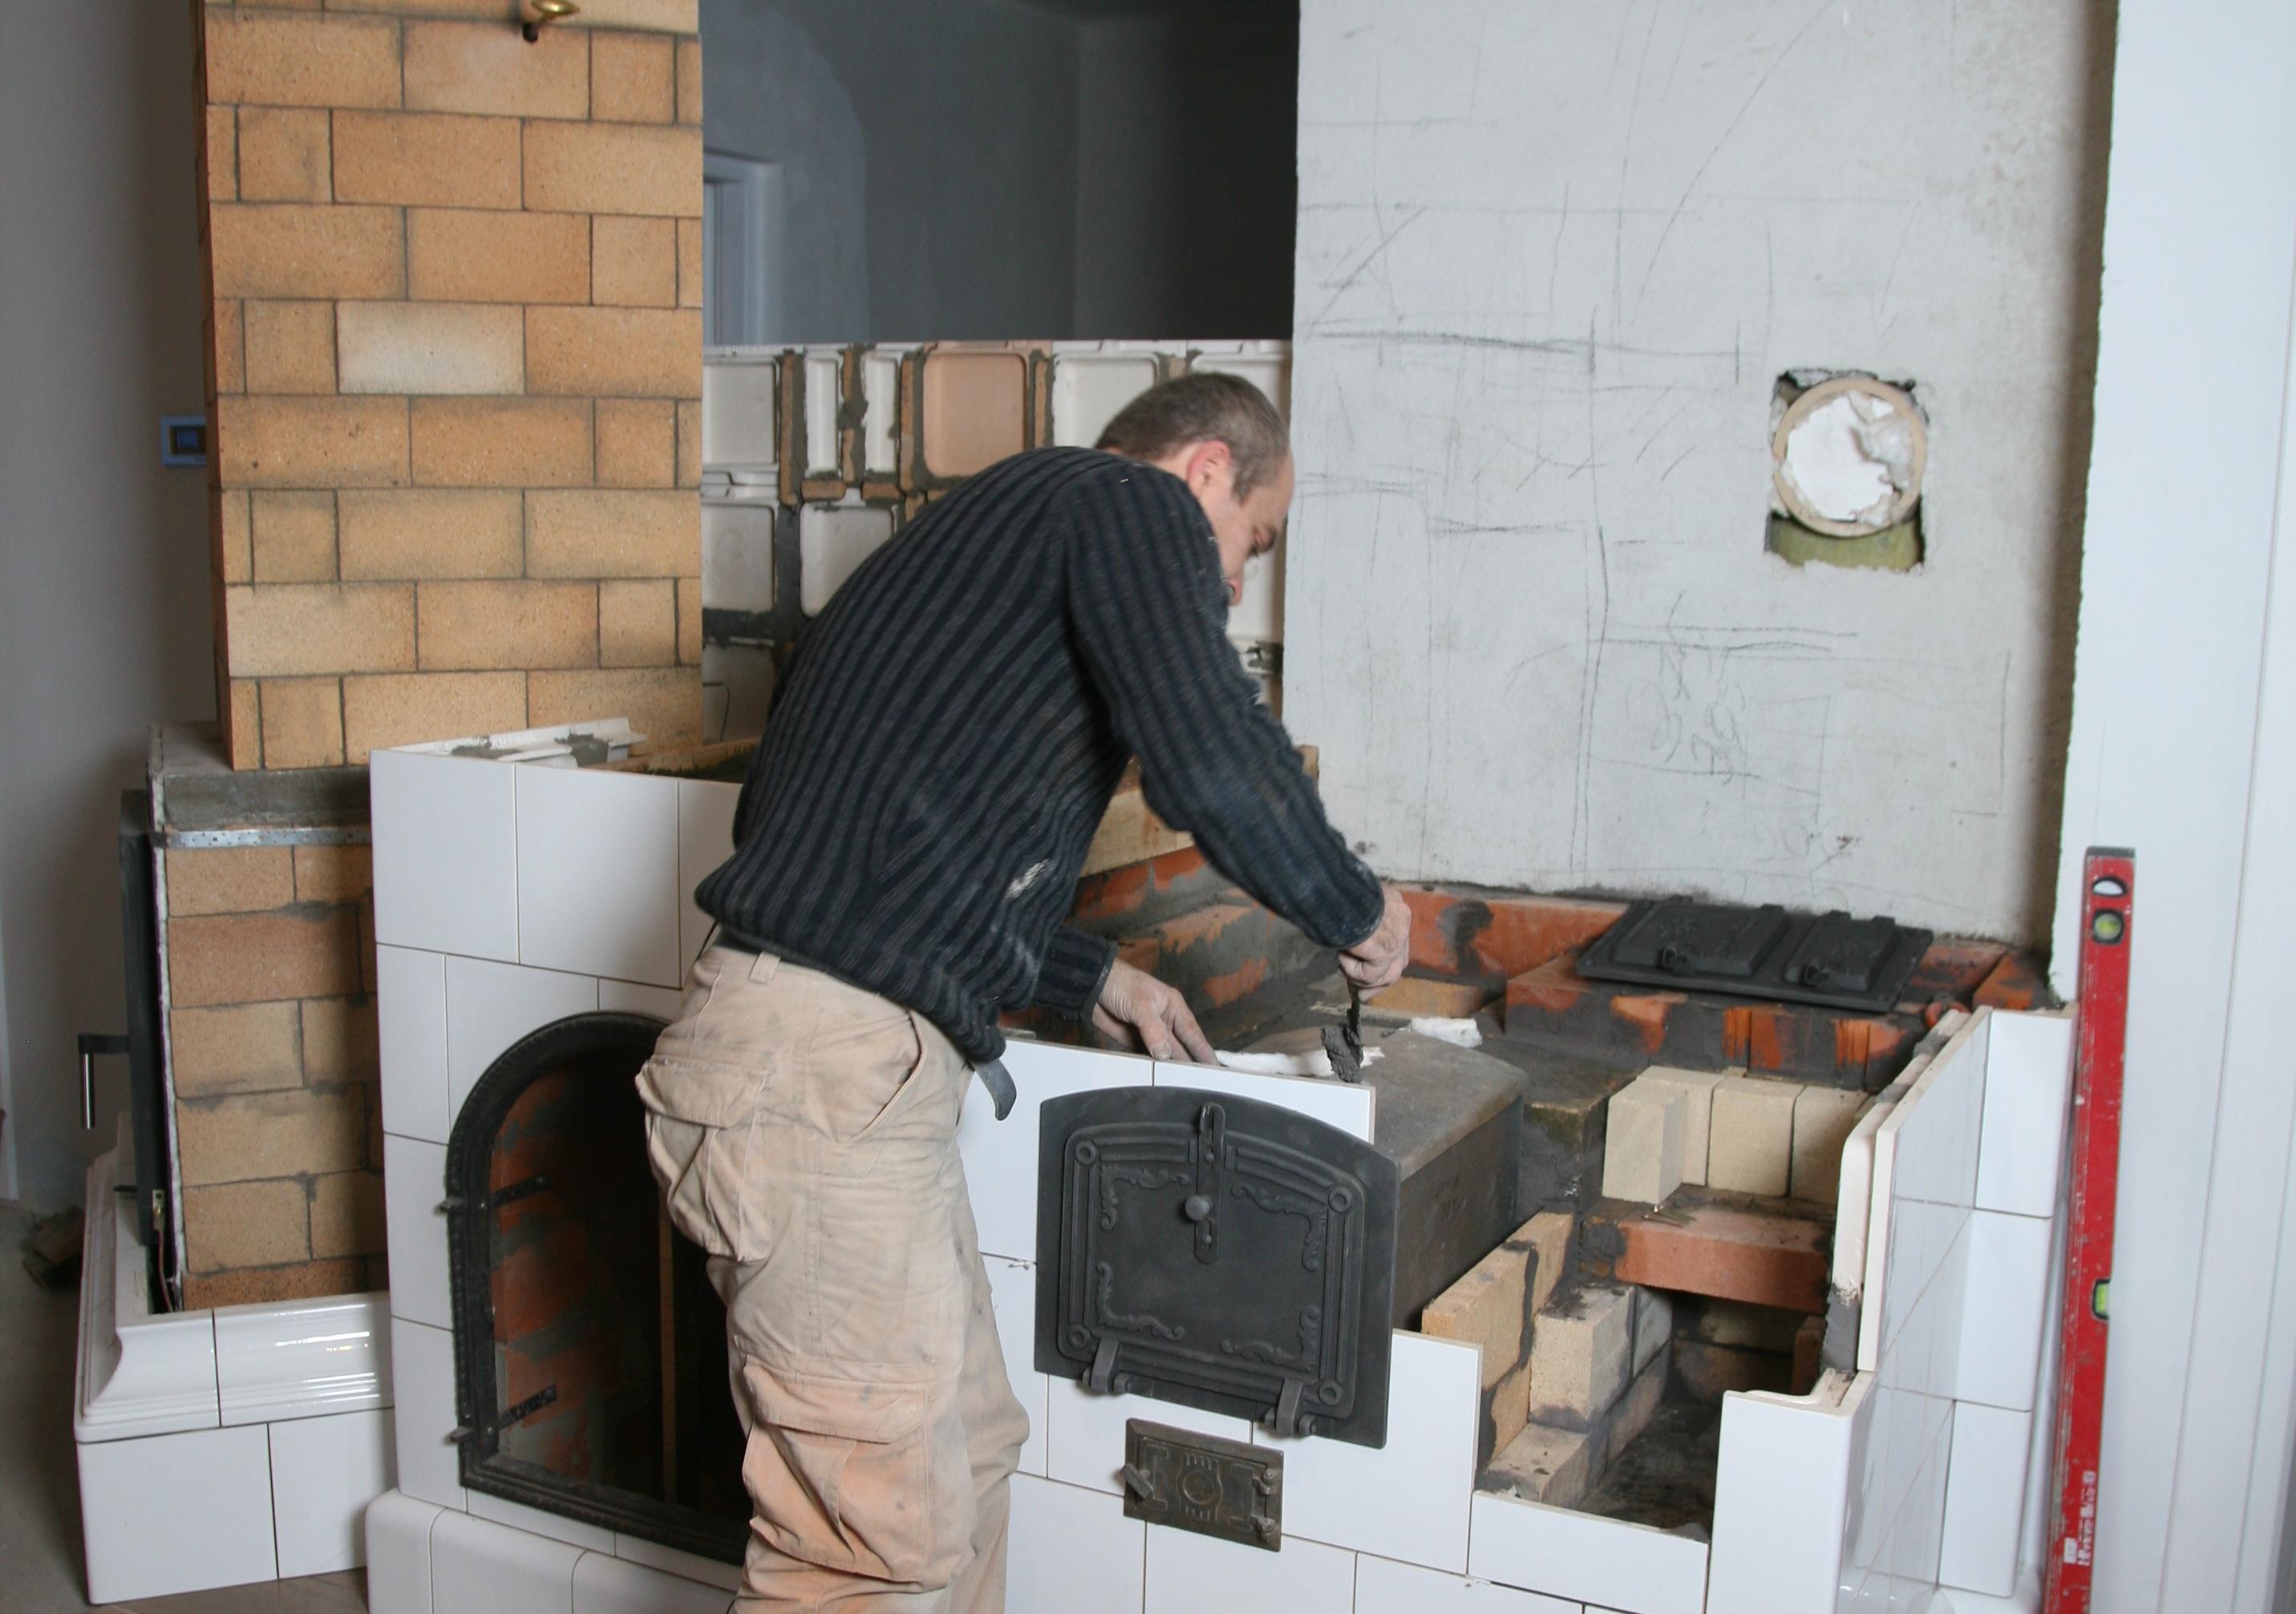 Nowczesny dom ogrzewany... piecem ceramcznym z płytą kaflową i piecem chlebowym